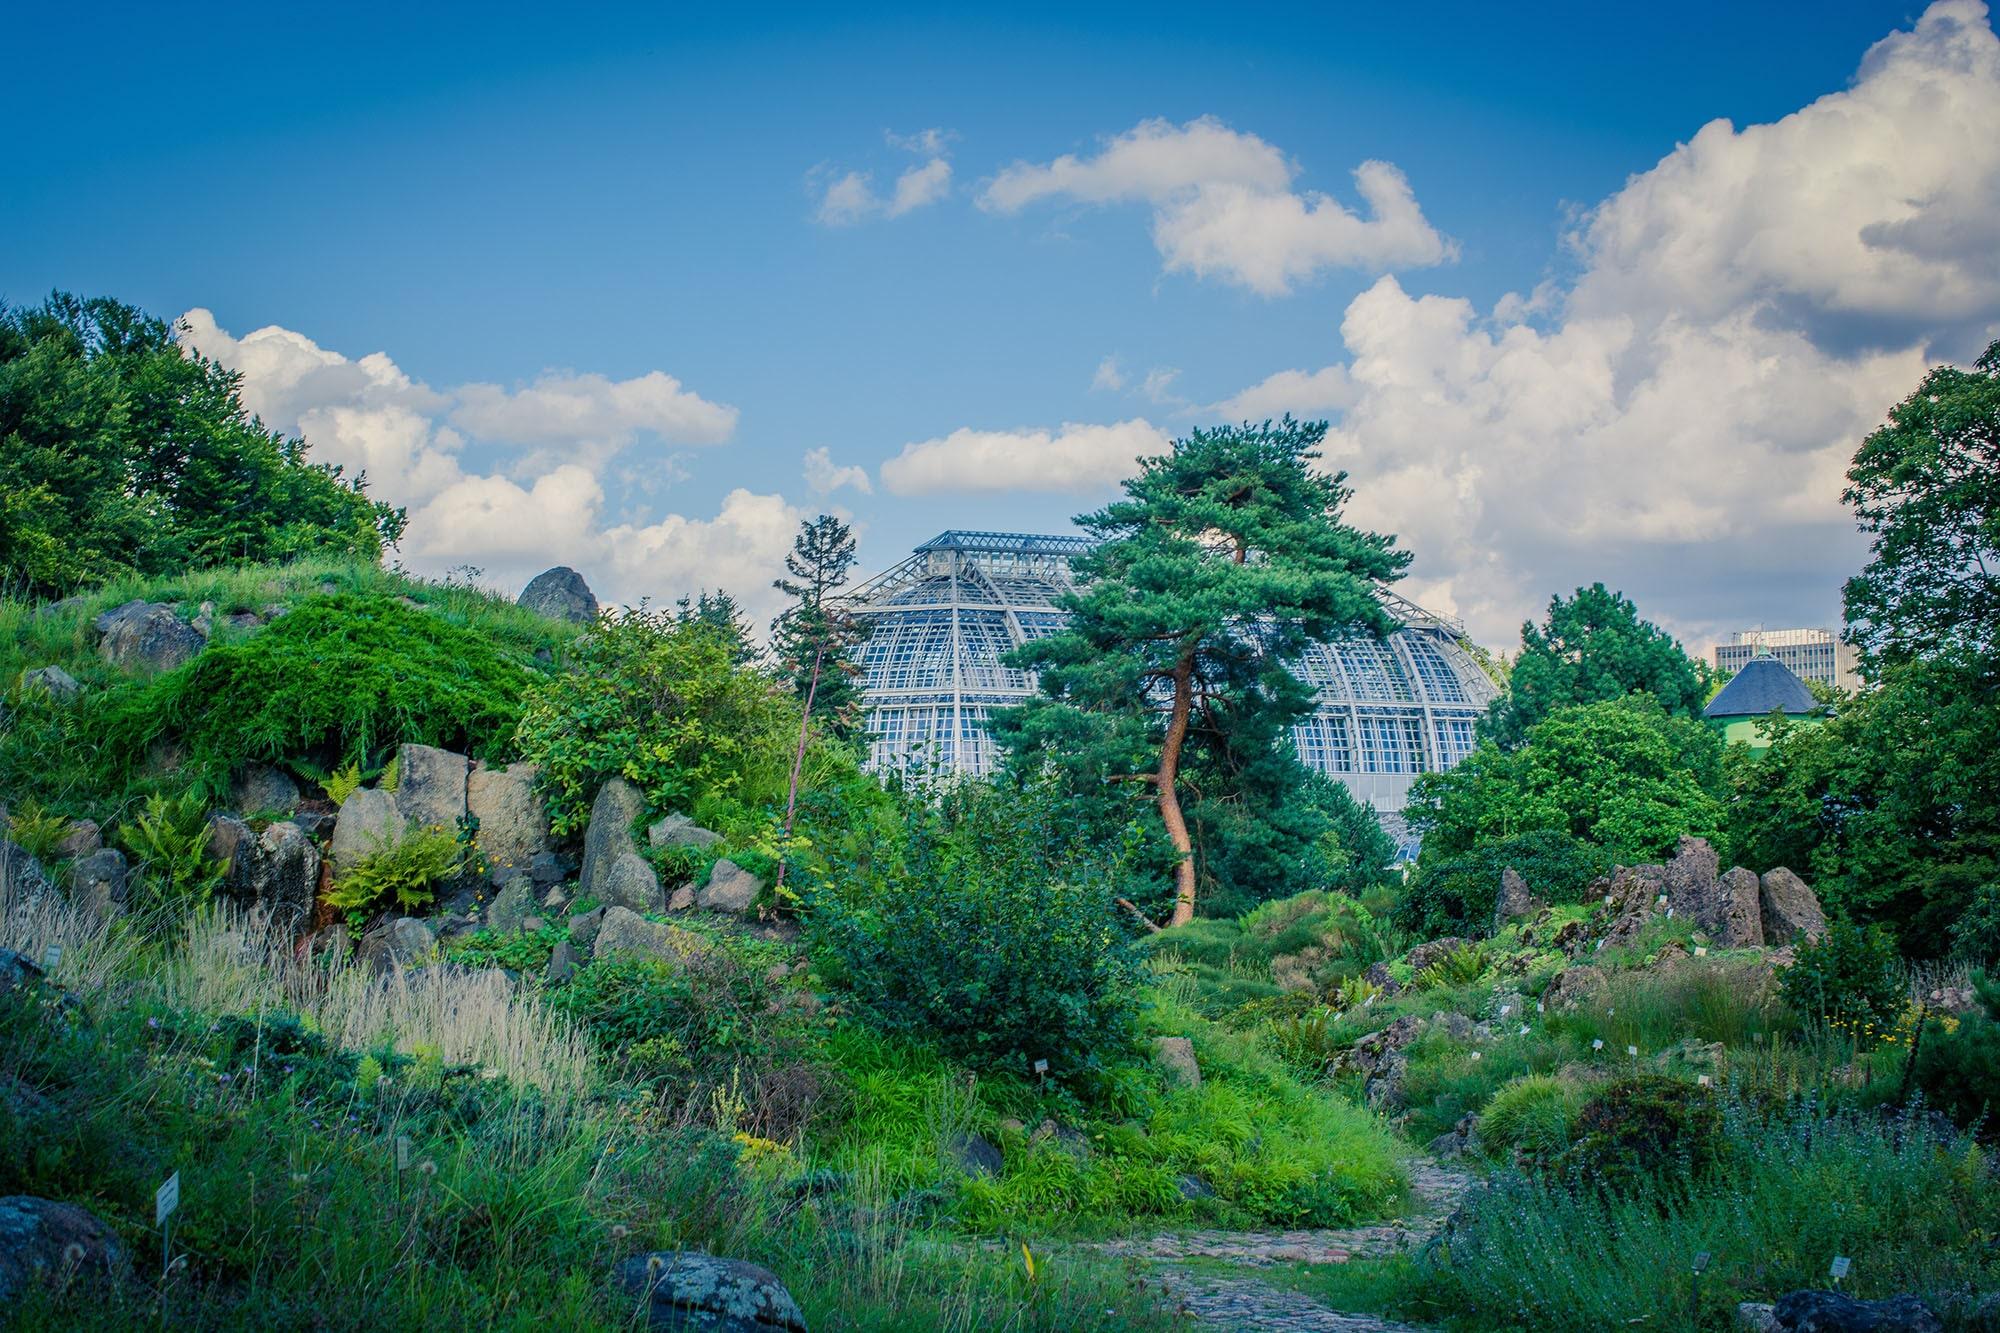 New York Botanical Garden | Limousine service limo-house.coma